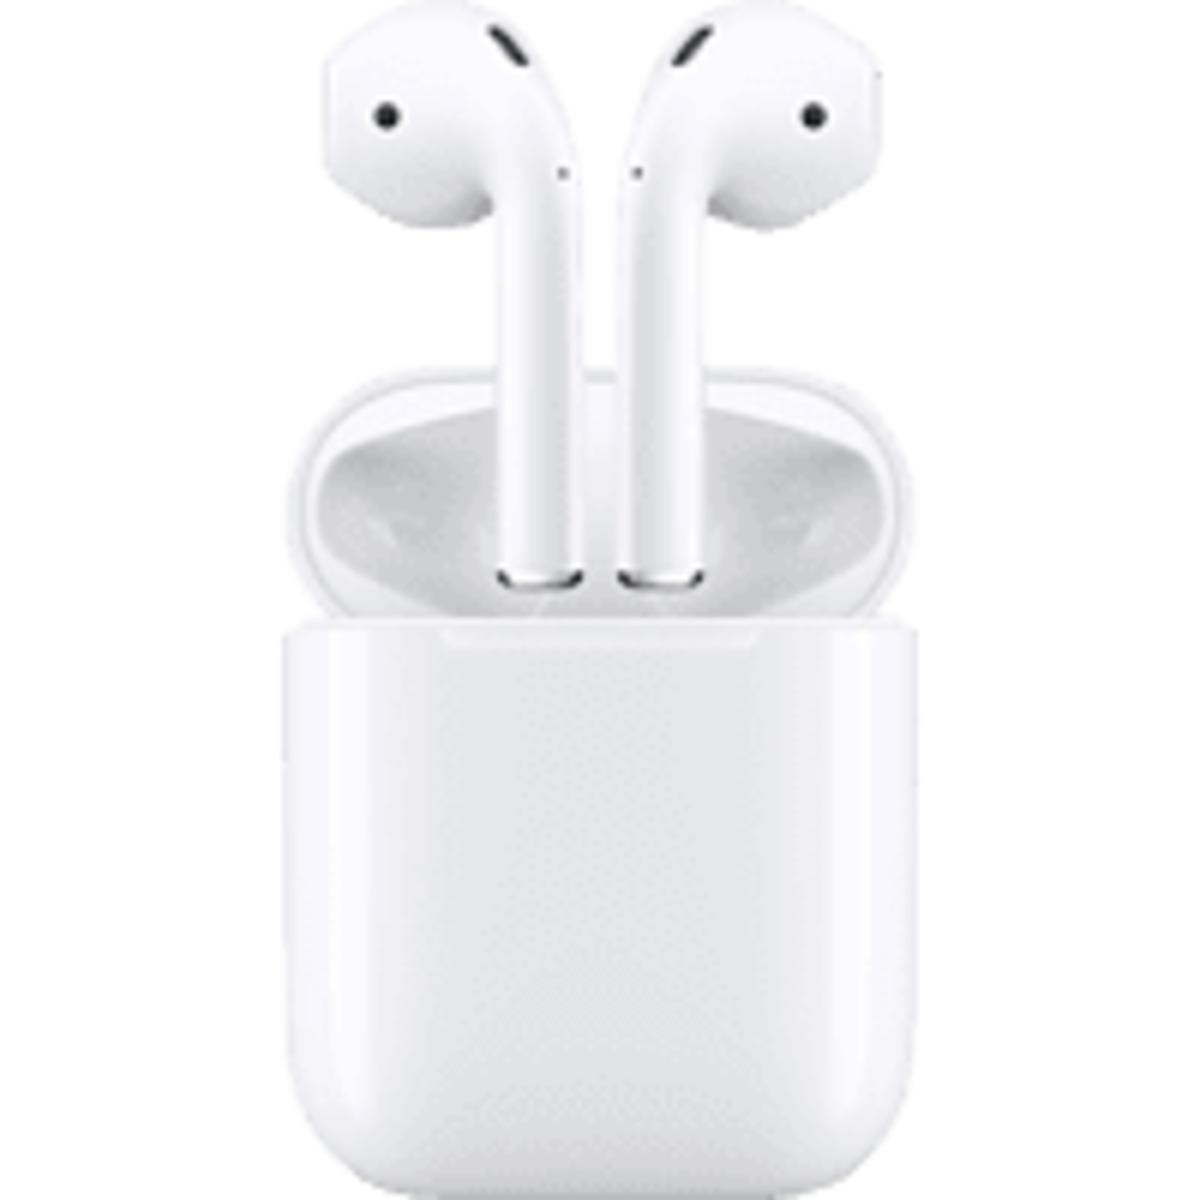 Bild 1 von APPLE AirPods mit Ladecase (2. Generation), In-ear True-Wireless-Kopfhörer Bluetooth Weiß